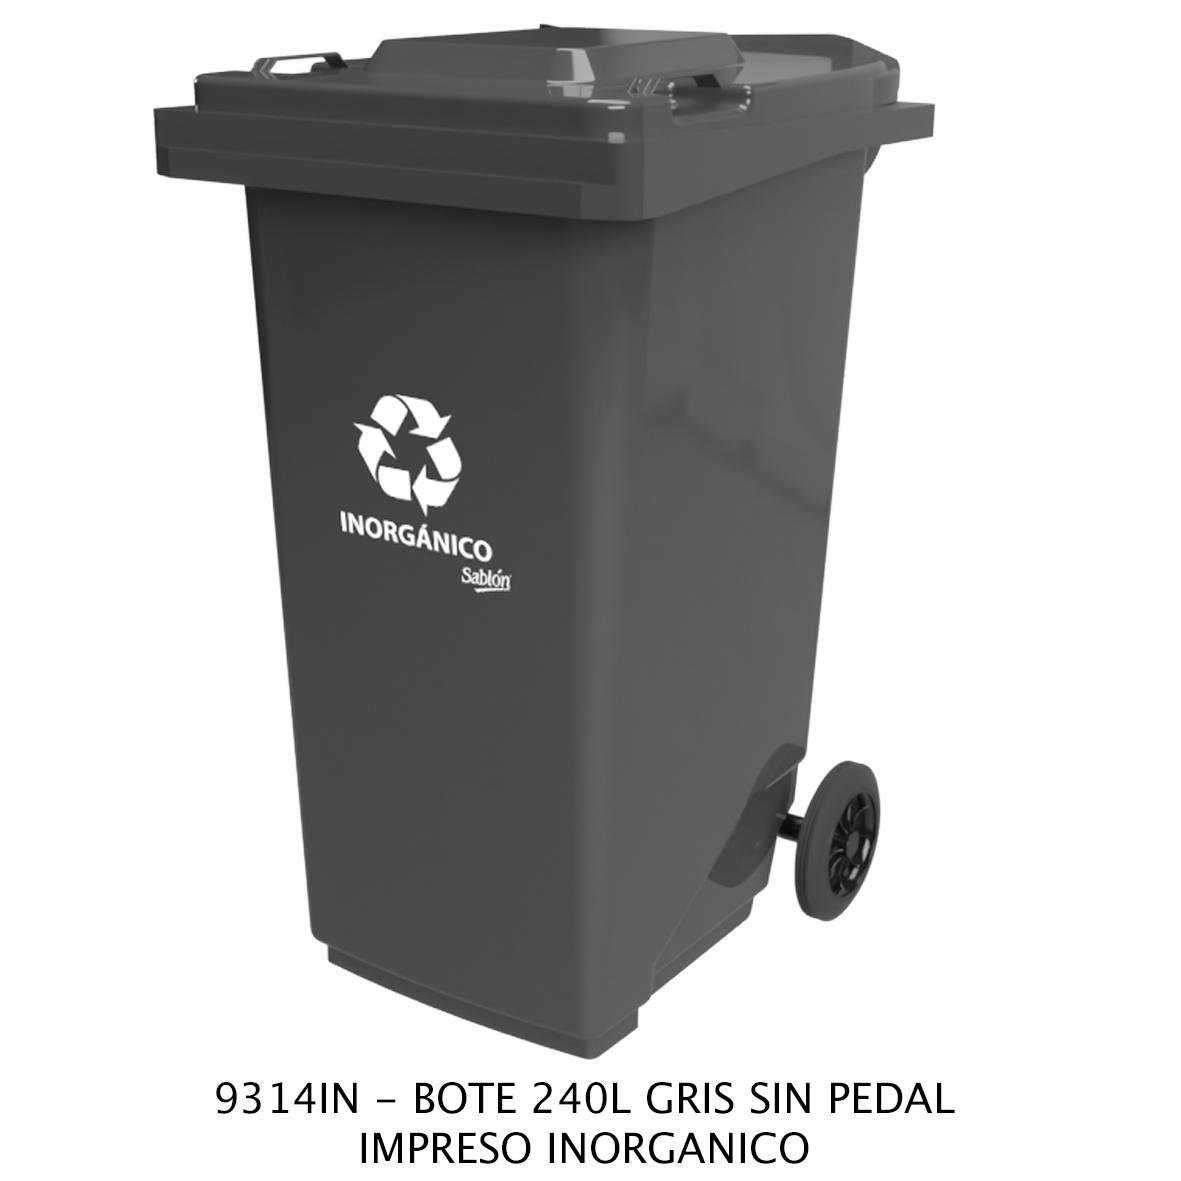 Bote de basura de 240 litros sin pedal con impreso inorgánico color gris modelo 9314IN de Sablón